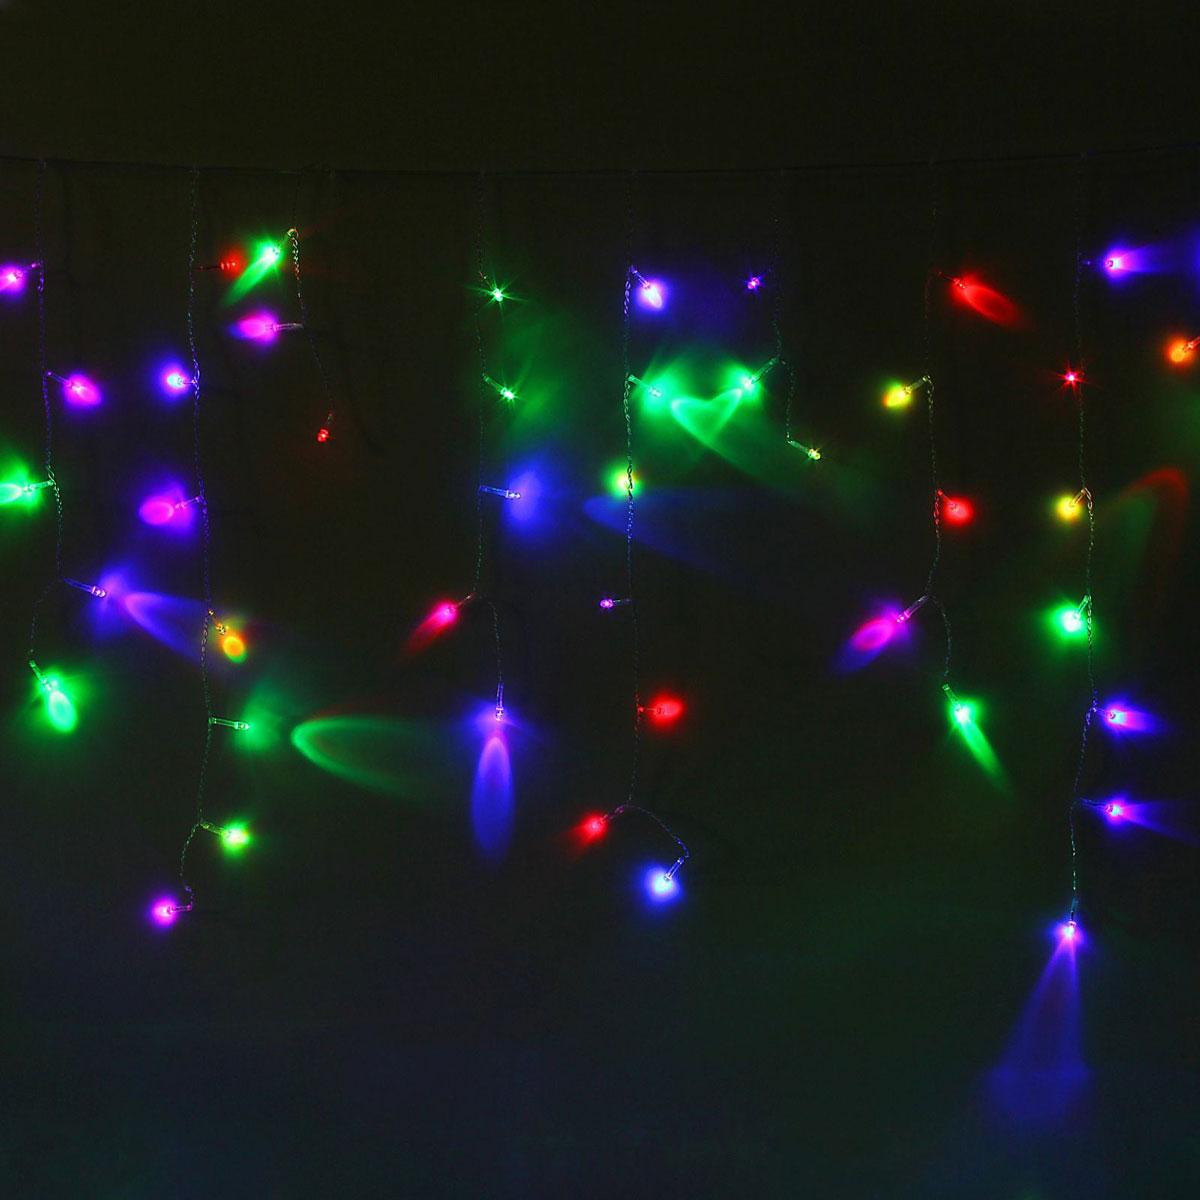 Гирлянда светодиодная Luazon Бахрома, уличная, моргает, 120 ламп, 220 V, цвет: мультиколор, 2 х 0,6 м. 10801441080144Светодиодные гирлянды, ленты и т.д — это отличный вариант для новогоднего оформления интерьера или фасада. С их помощью помещение любого размера можно превратить в праздничный зал, а внешние элементы зданий, украшенные ими, мгновенно станут напоминать очертания сказочного дворца. Такие украшения создают ауру предвкушения чуда. Деревья, фасады, витрины, окна и арки будто специально созданы, чтобы вы украсили их светящимися нитями.